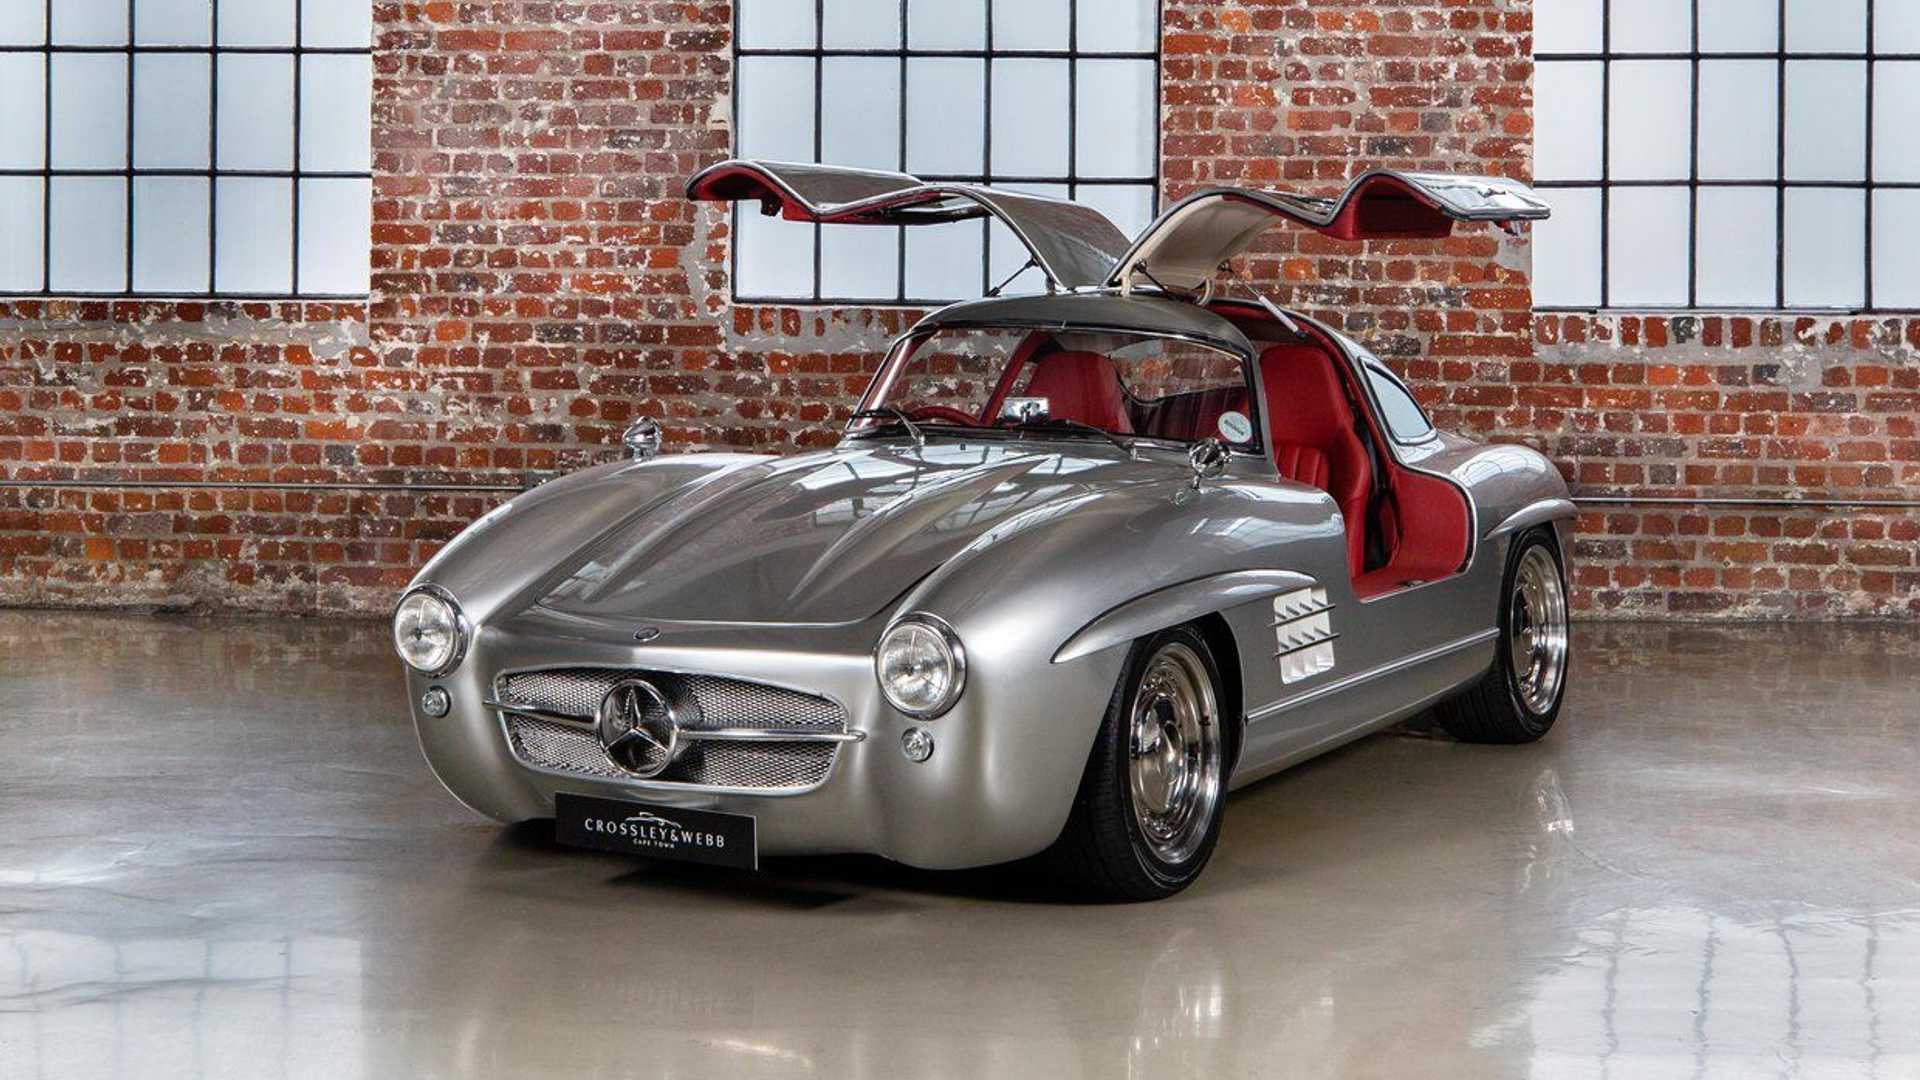 В Южной Африке продаётся реплика культового Mercedes-Benz 300SL образца 50-х, созданная на базе AMG SLK 32 2001 года.